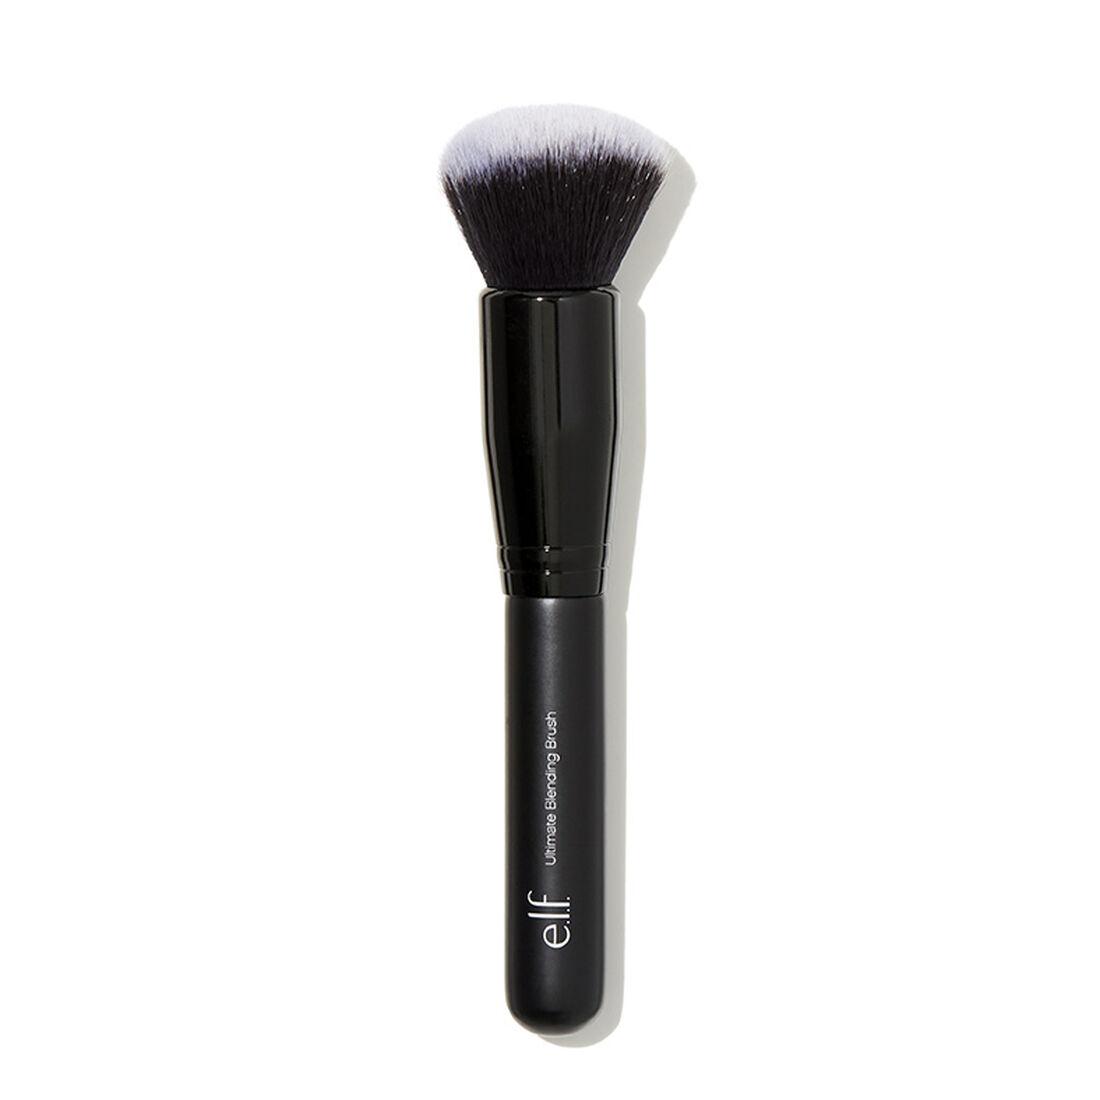 E.l.f. - Ultimate Blending Brush